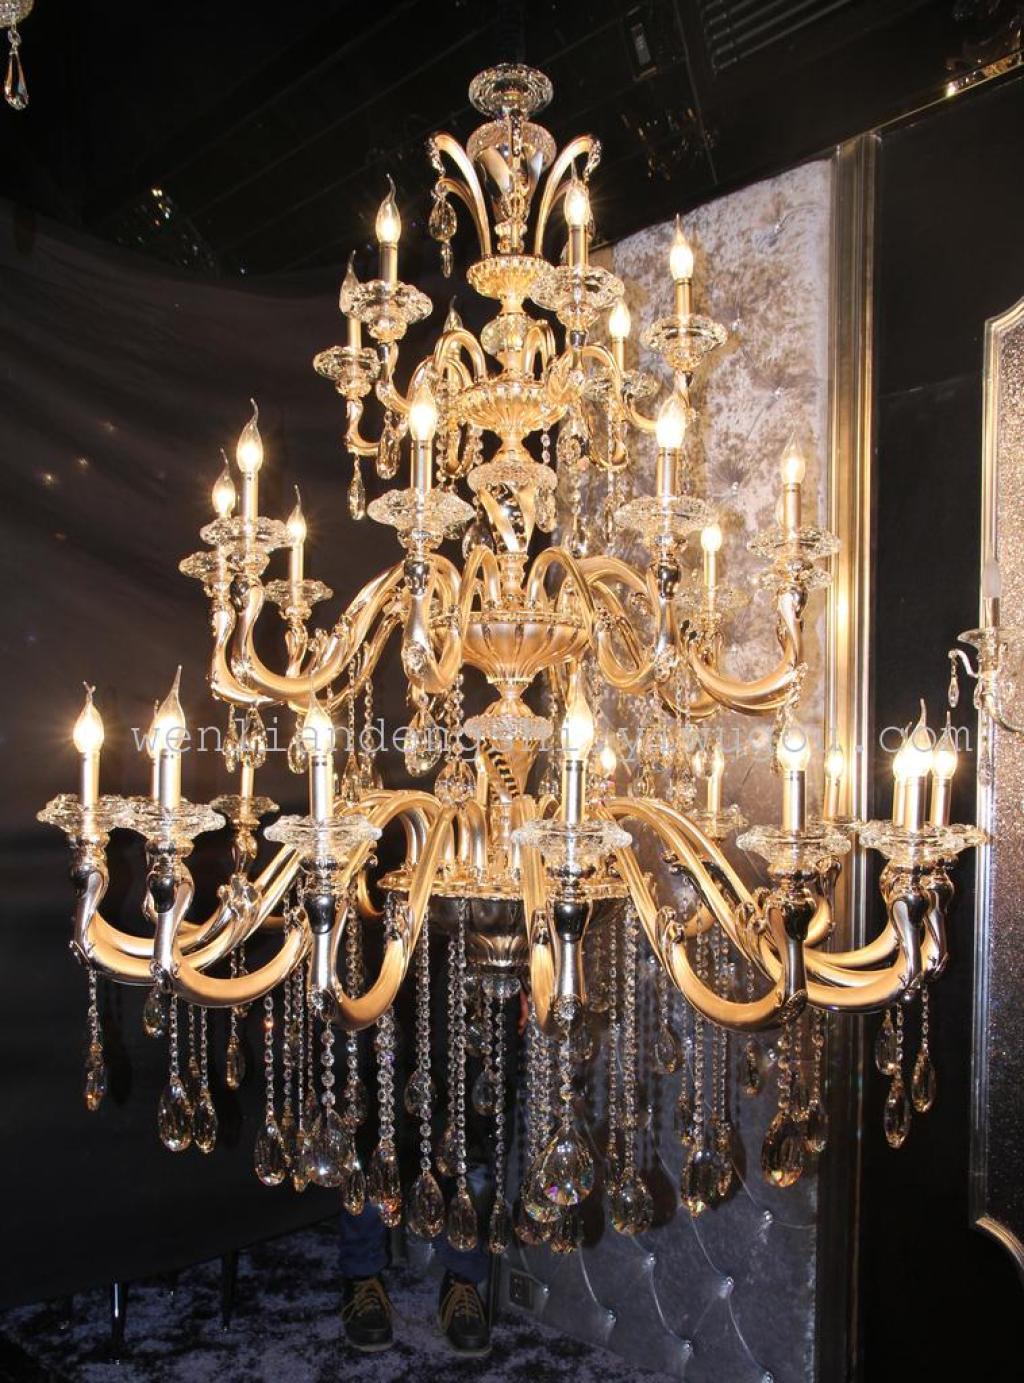 欧式水晶吊灯锌合金吸吊现代玉石水晶灯客厅卧室灯具